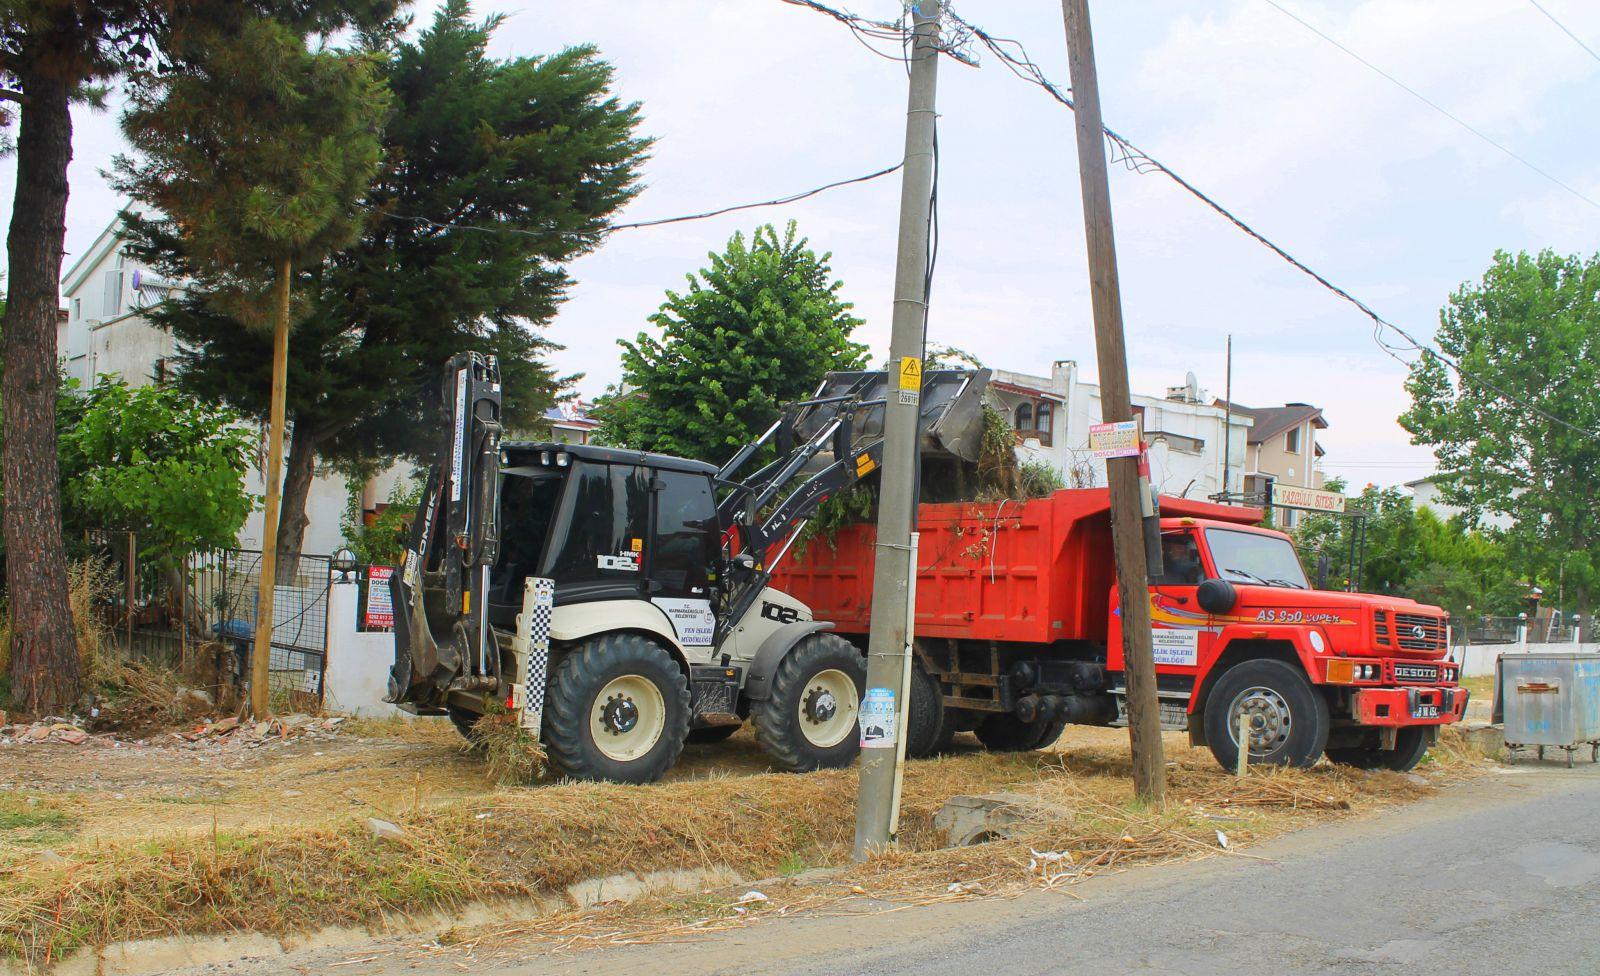 Marmara Ereğlisi'nde Çevre Temizlik Çalışmaları Sürüyor